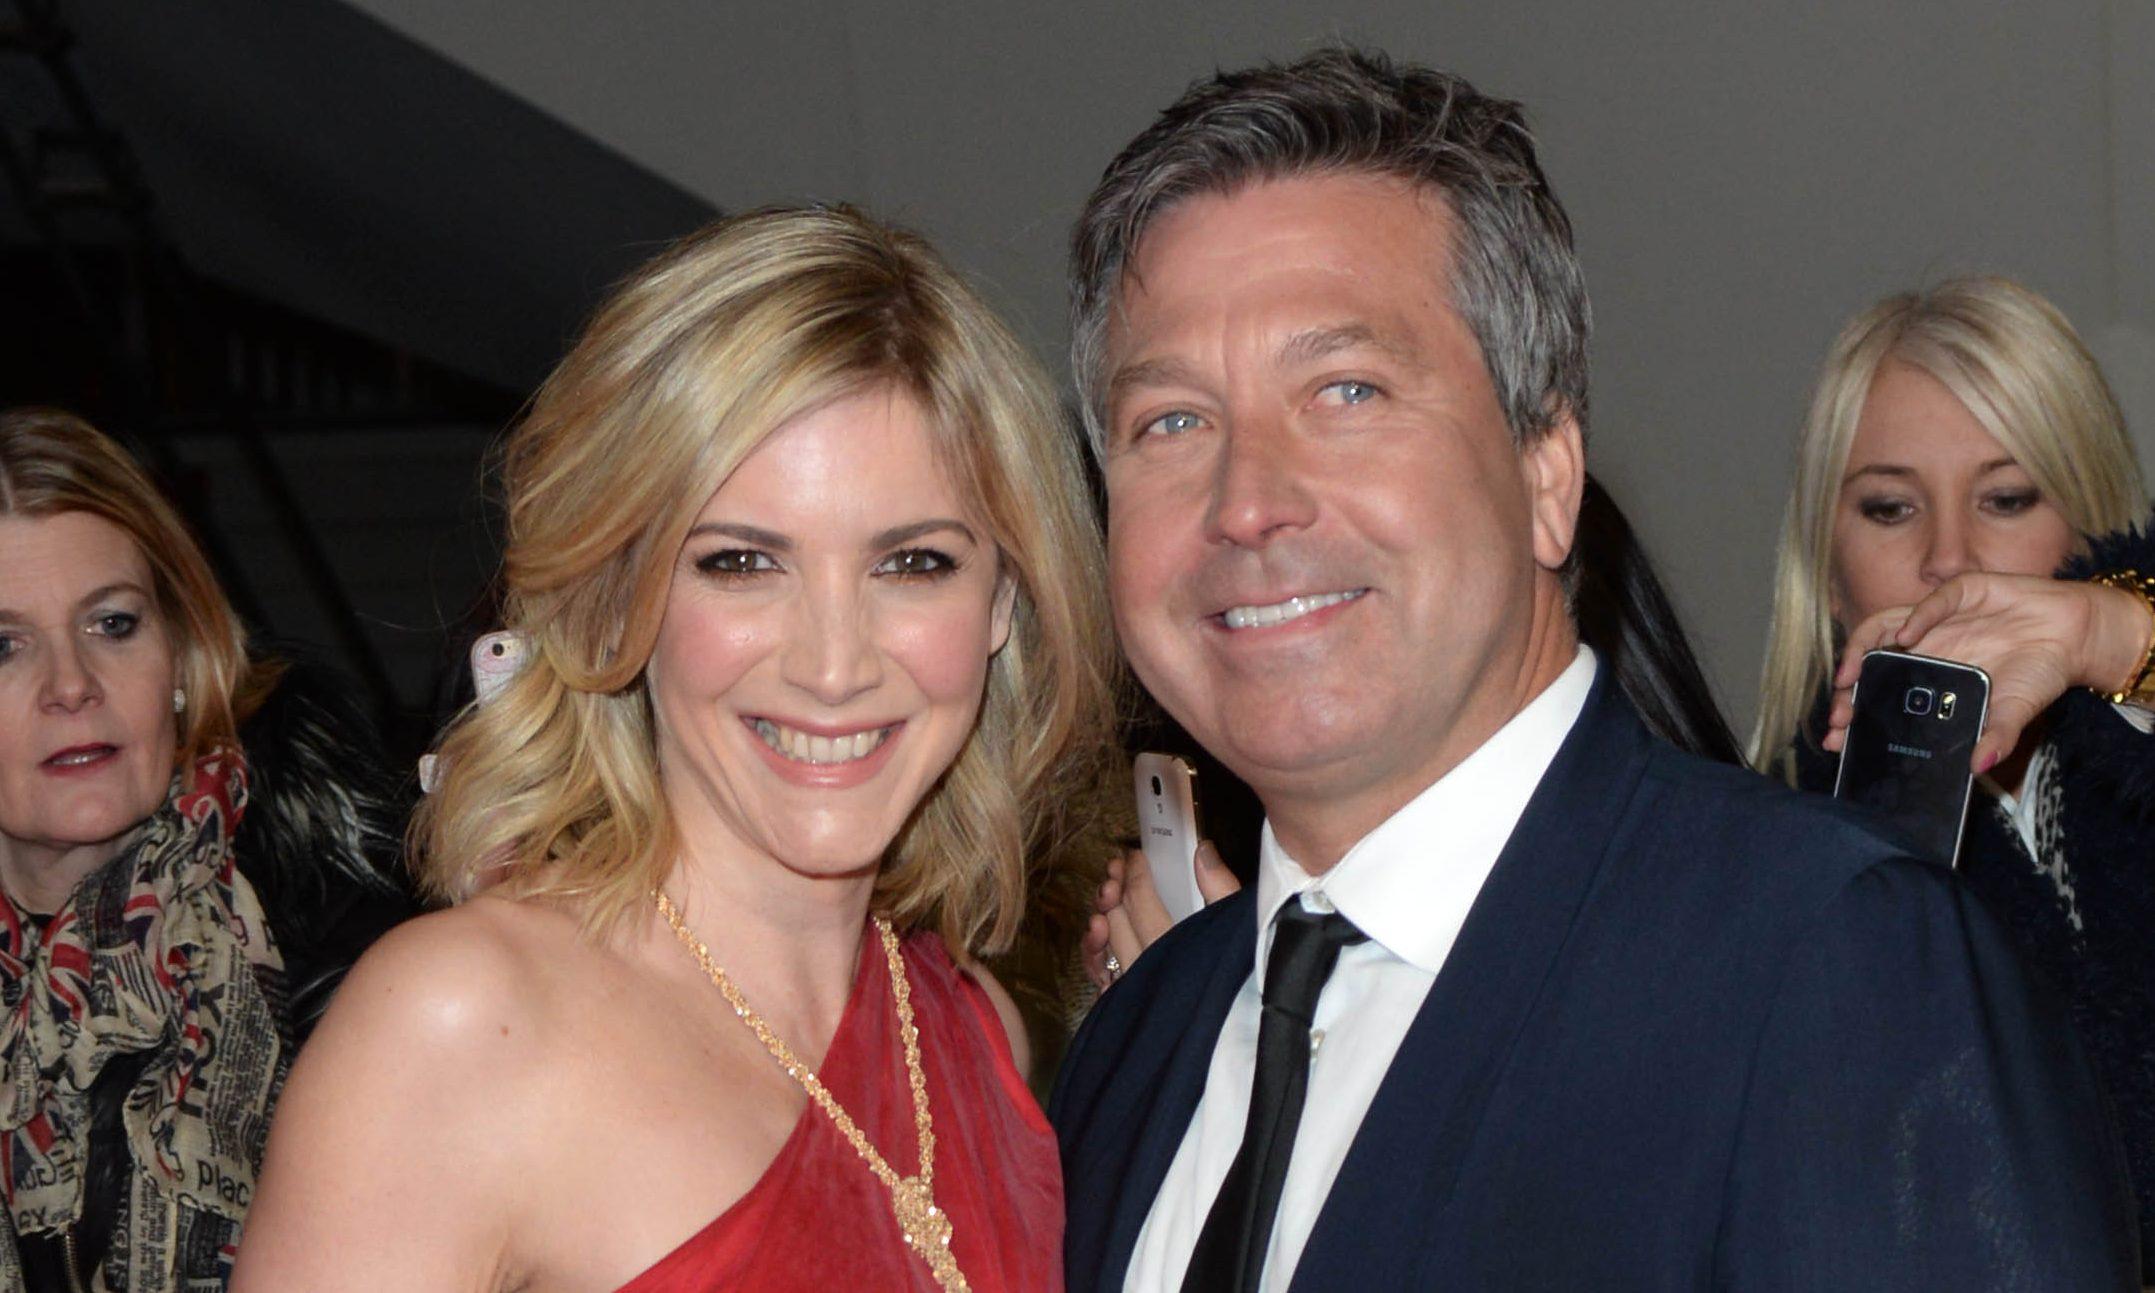 John Torode and Lisa Faulkner married